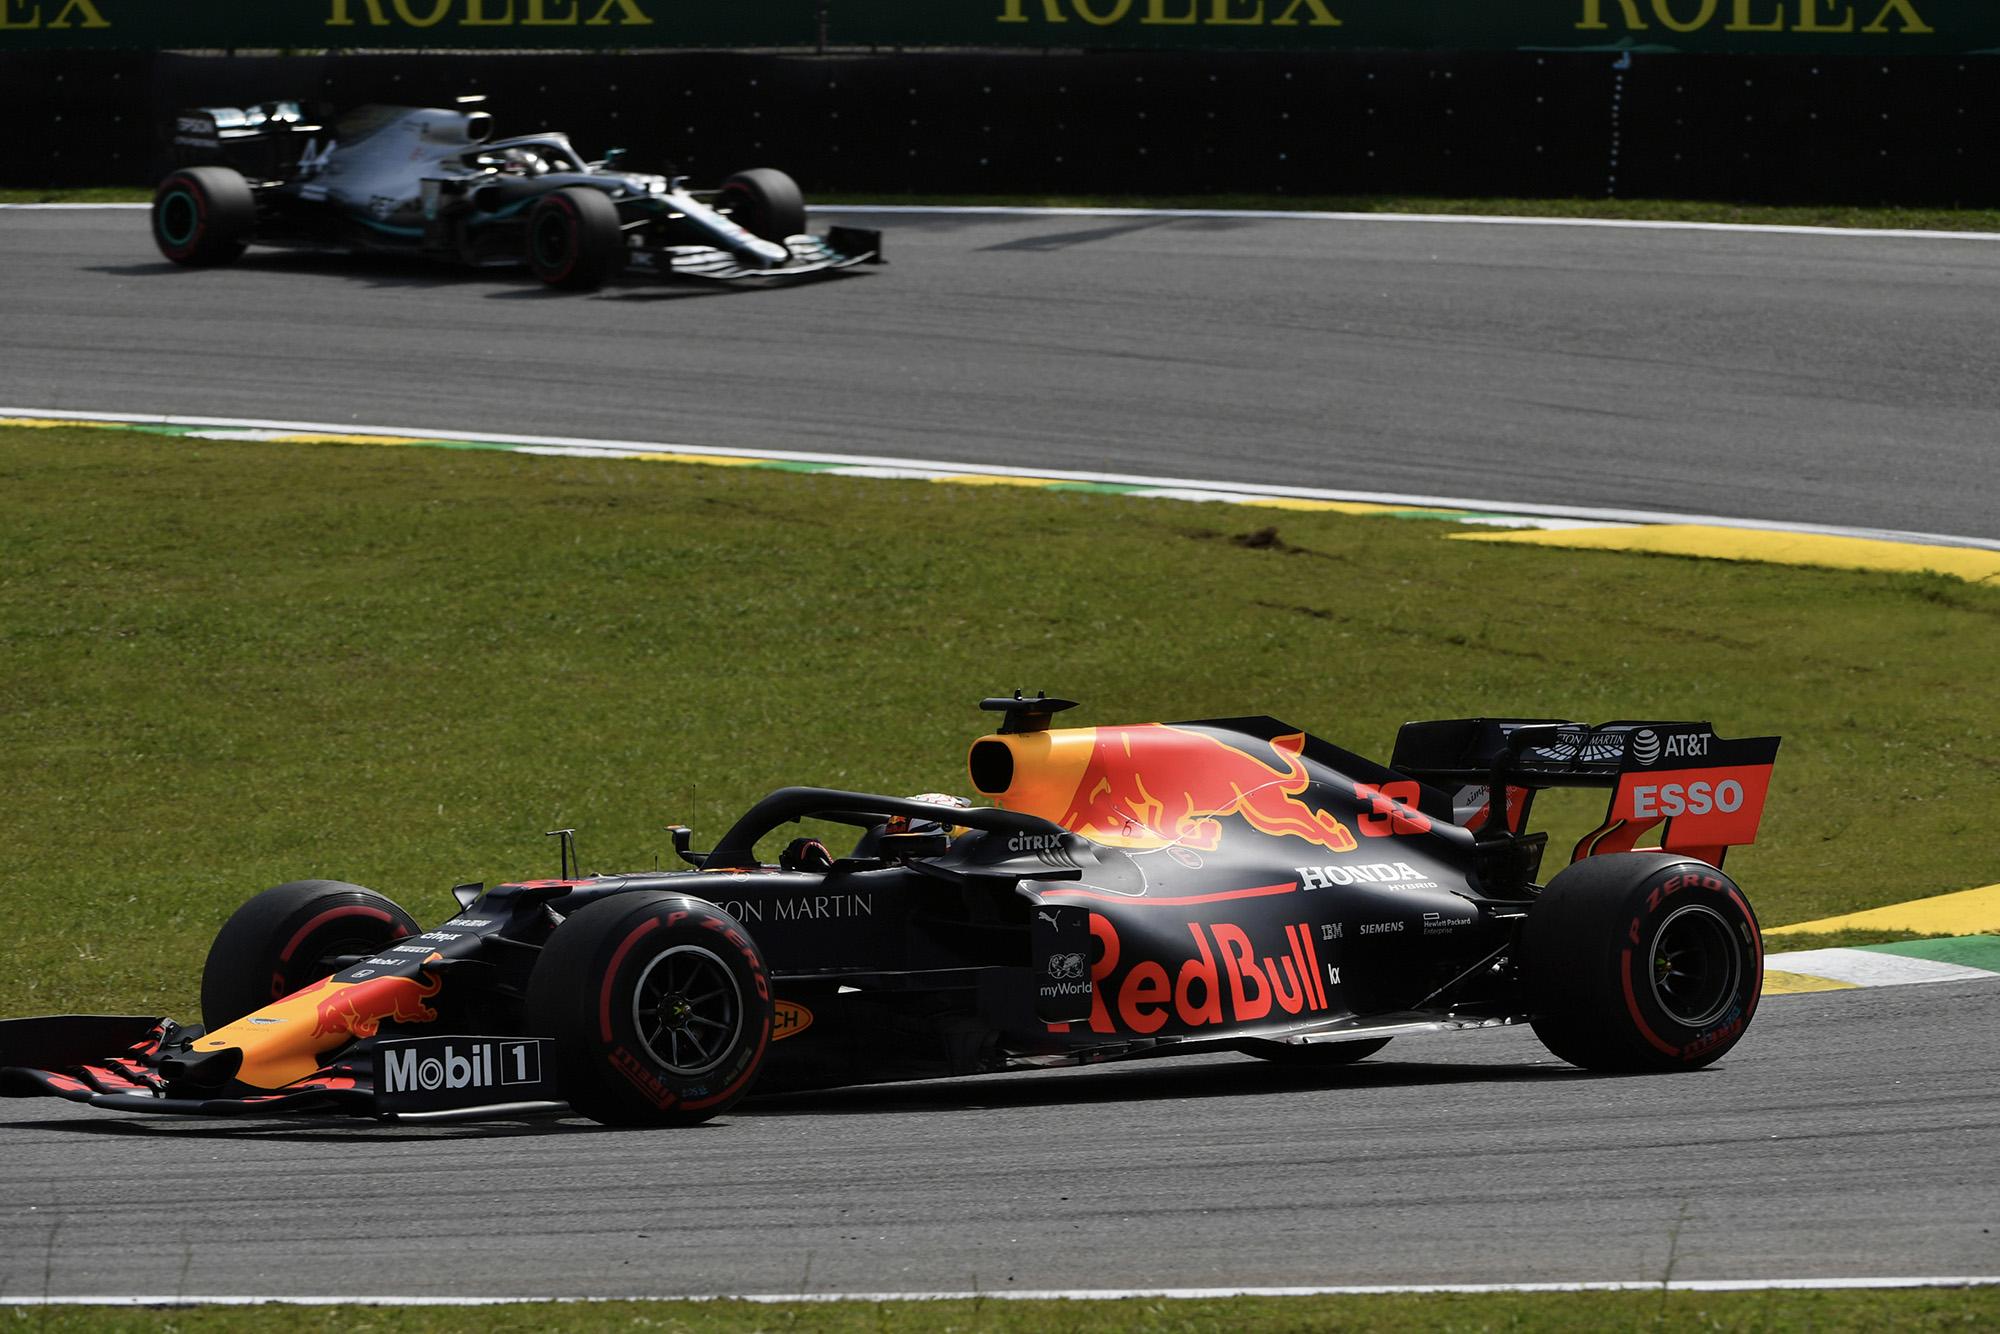 Verstappen leads Hamilton at the 2019 Brazilian Grand Prix